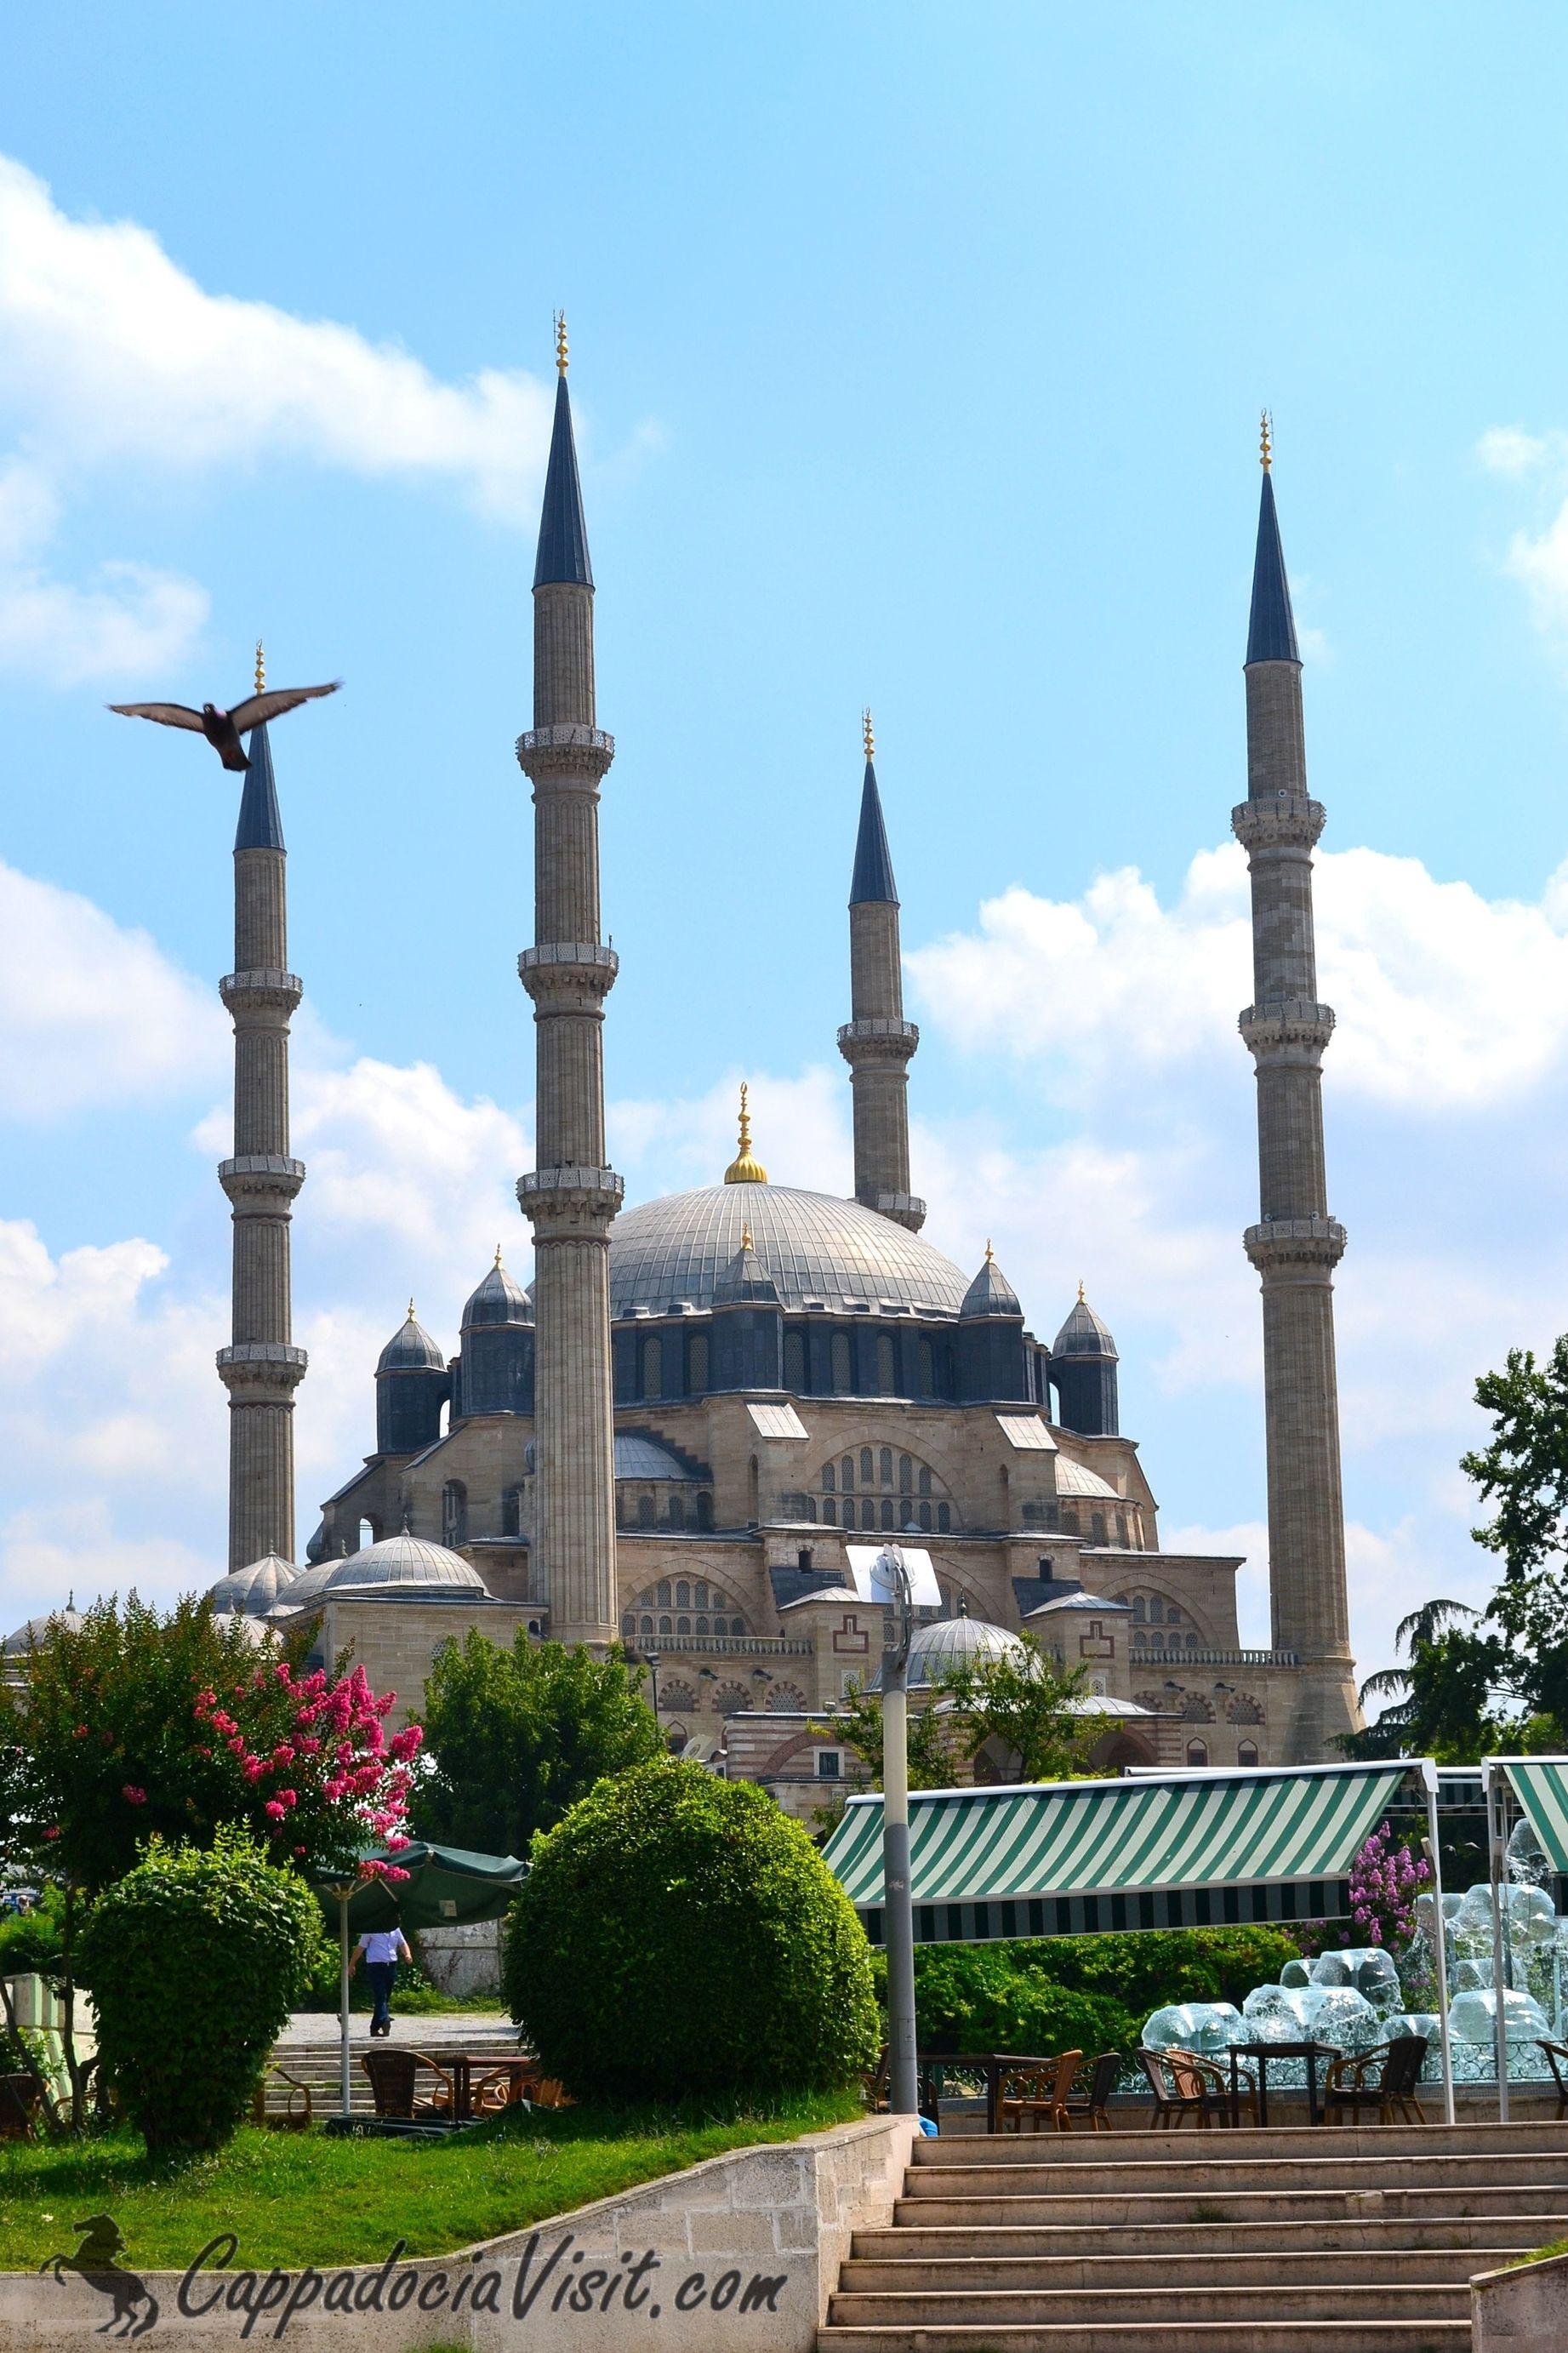 выложила эдирне турция фото отель рядом с мечетью этом незадолго